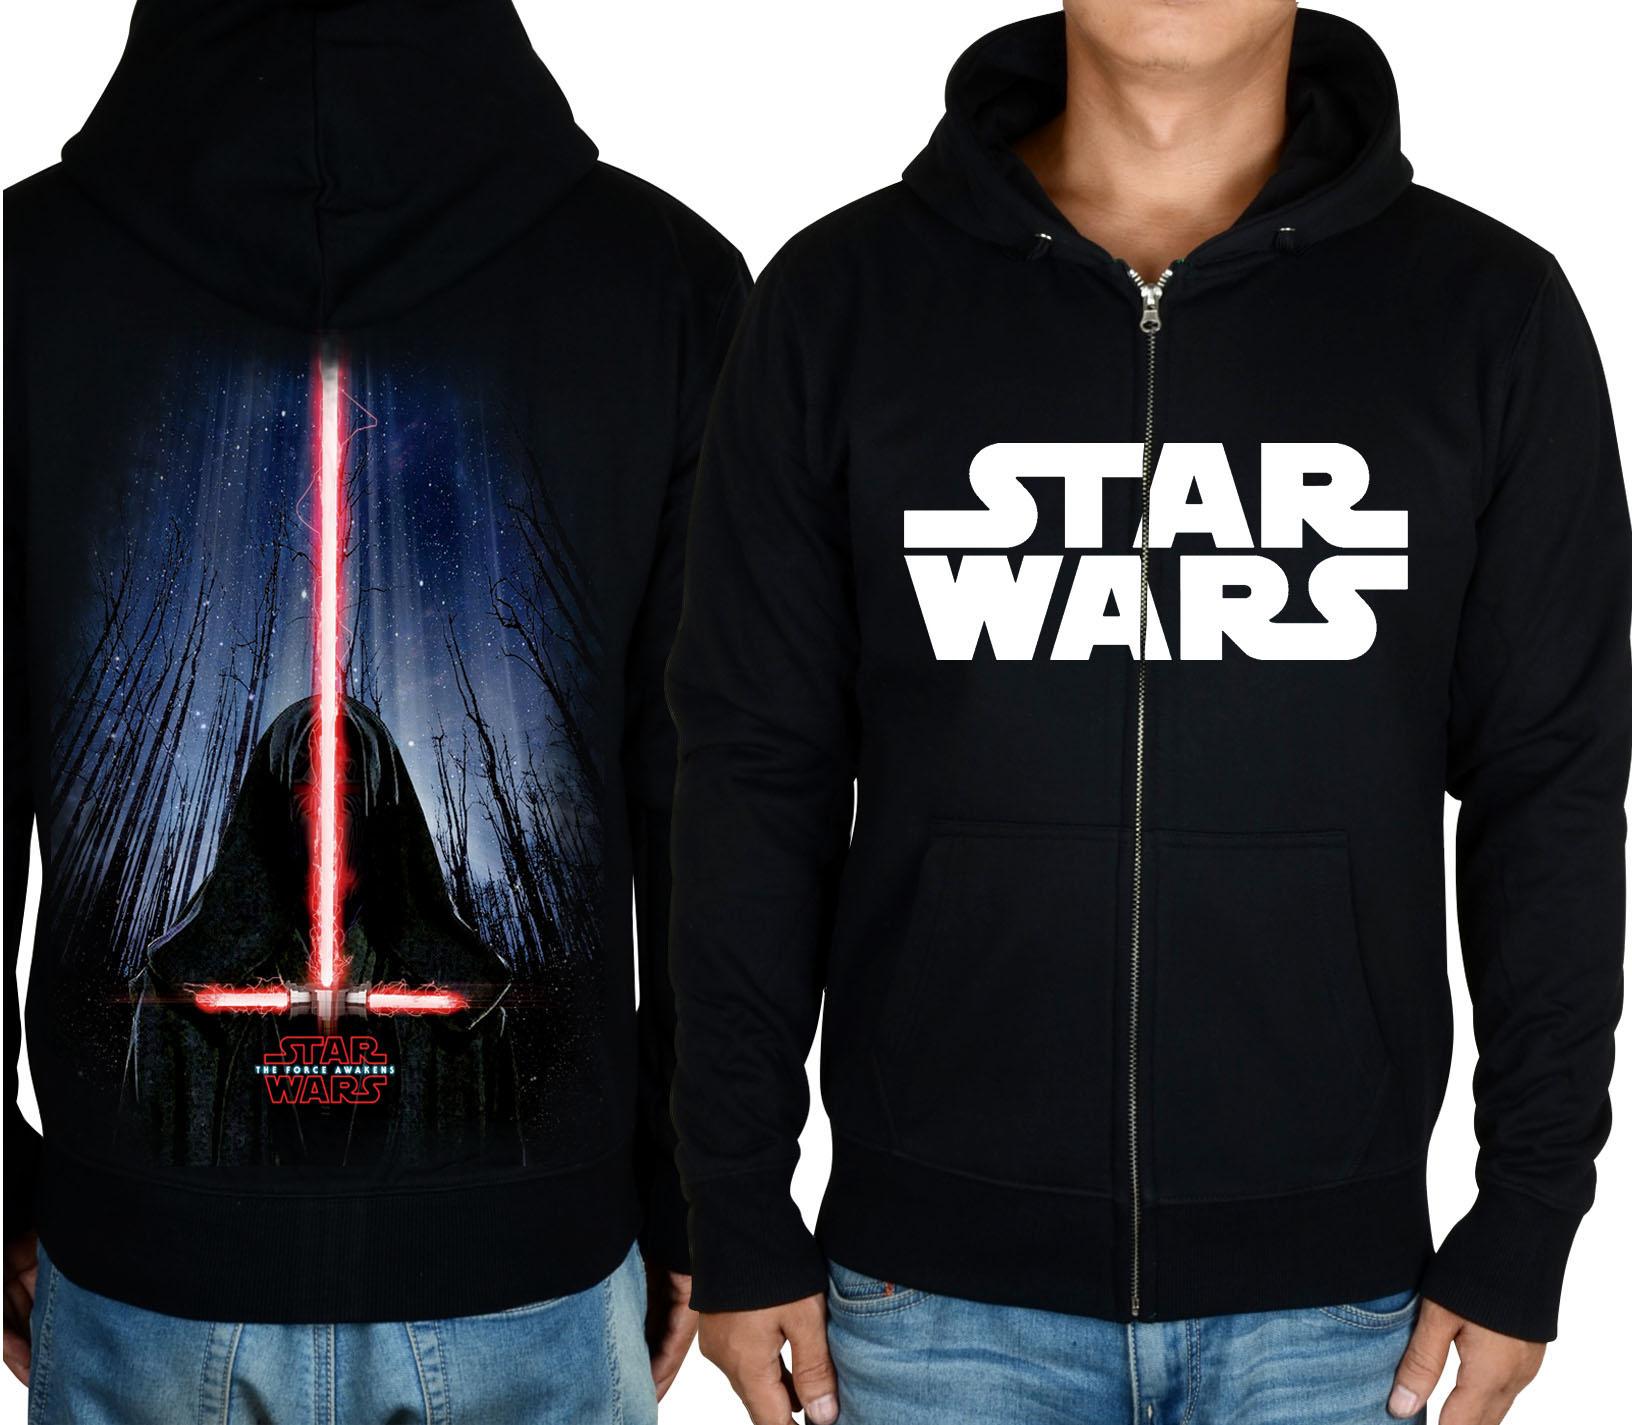 星球大战Star Wars 7原力觉醒达斯摩尔光剑拉链休闲运动卫衣